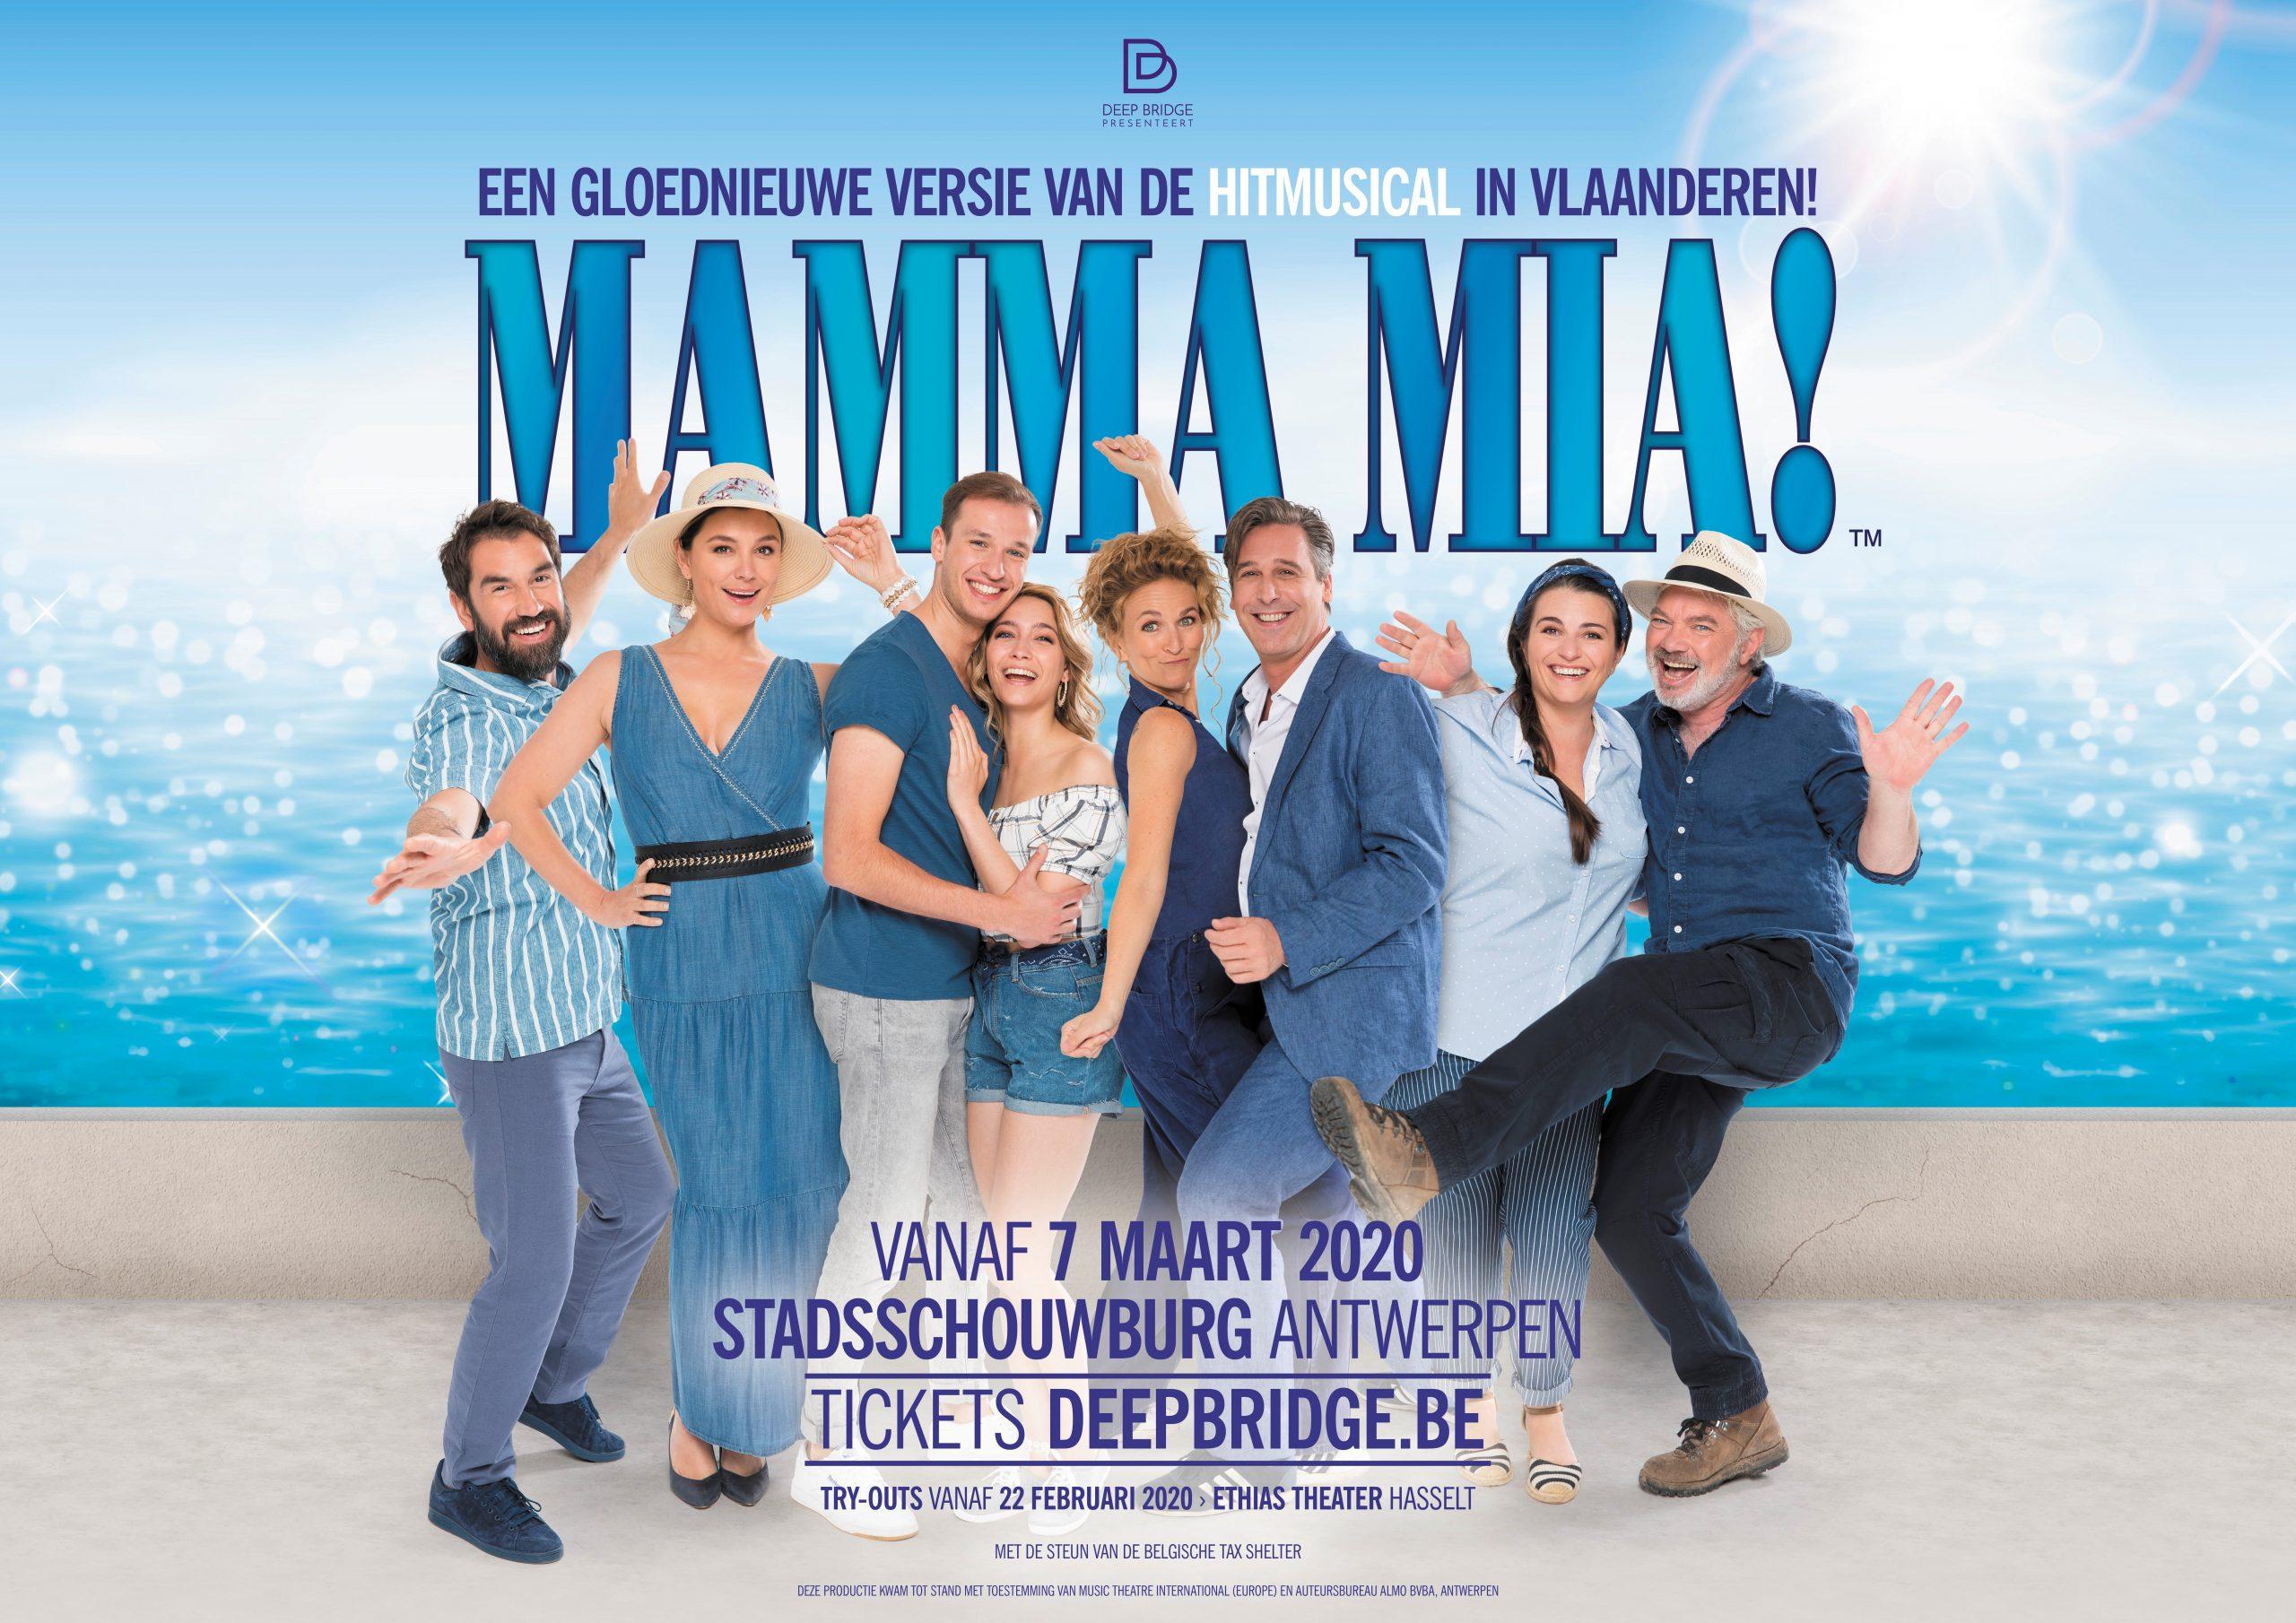 Mamma Mia! voegt 3 extra voorstellingen toe aan de speellijst. - Affiche Mama Mia scaled